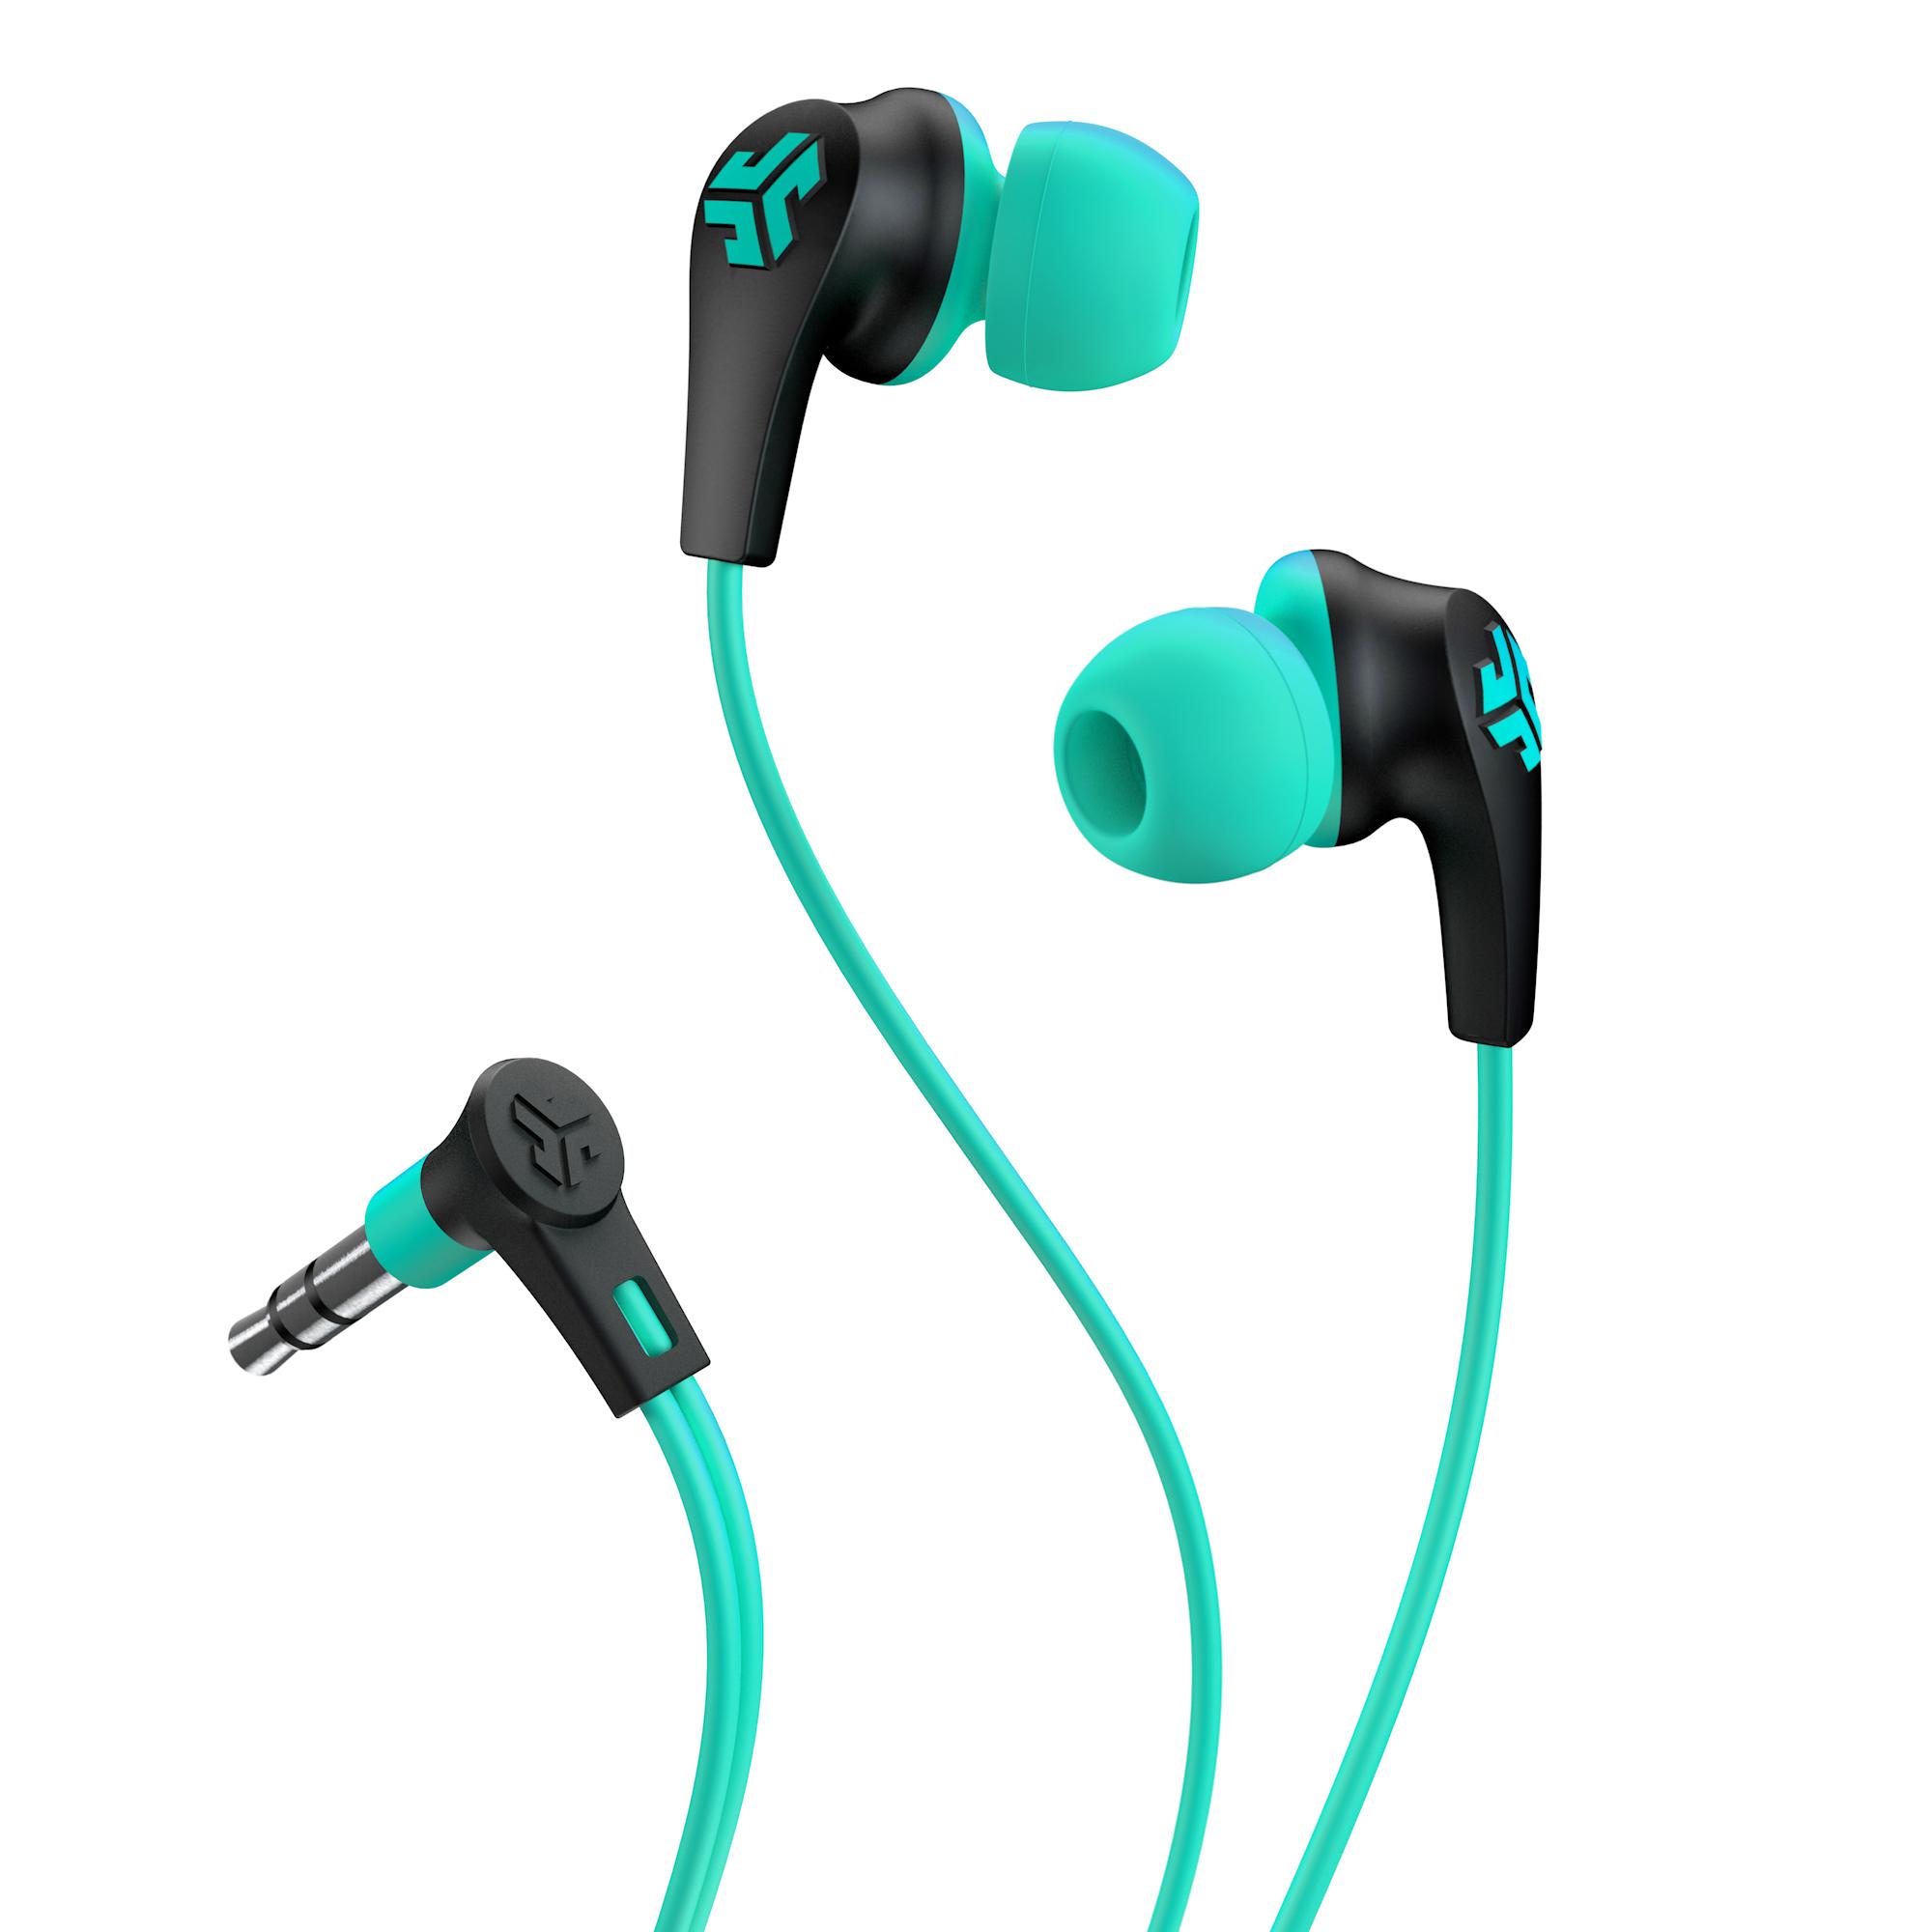 Jlab bluetooth headphones purple - purple headphones for adults